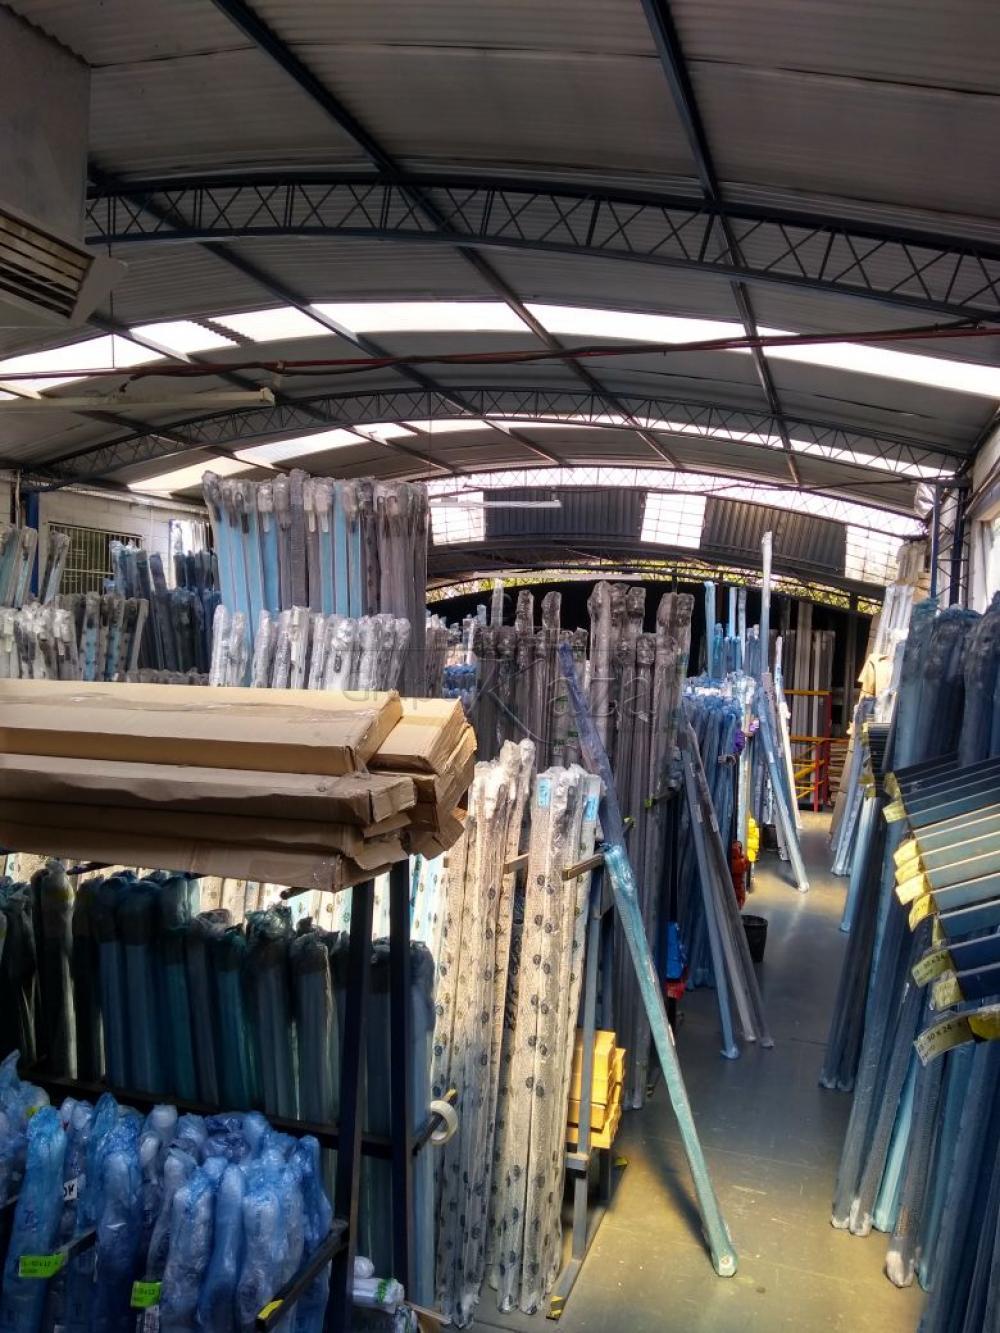 Alugar Comercial/Industrial / Galpão em São José dos Campos R$ 16.000,00 - Foto 2